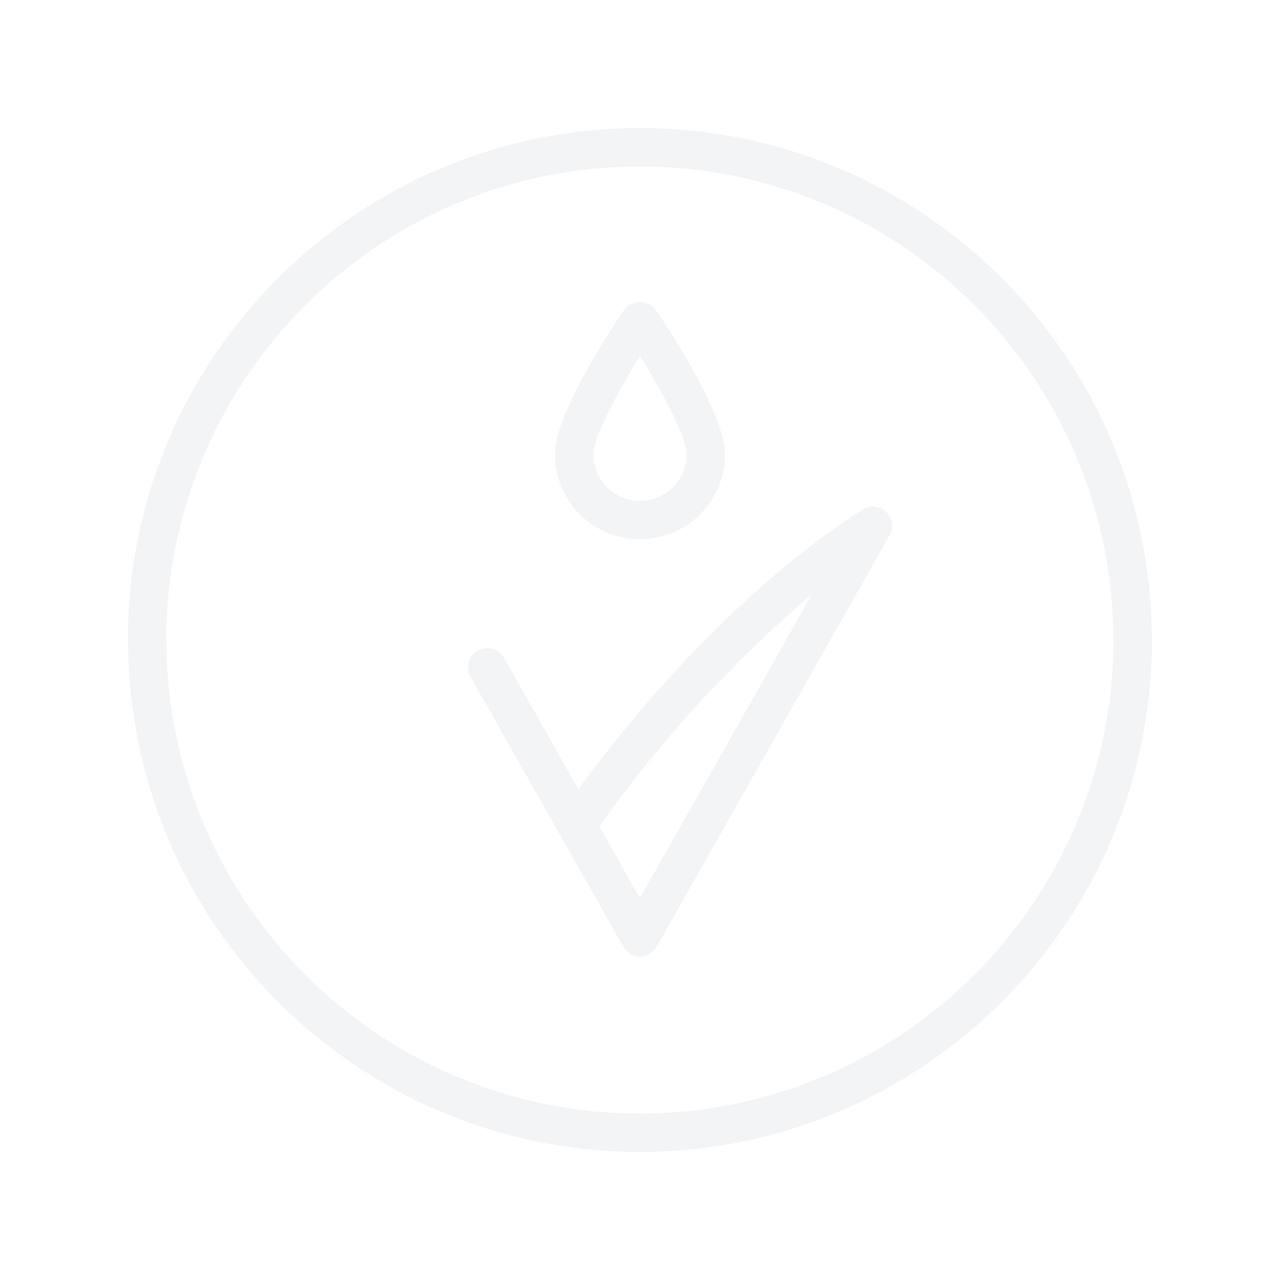 ALESSANDRO Nail Polish No.07 Shimmer Shell 5ml